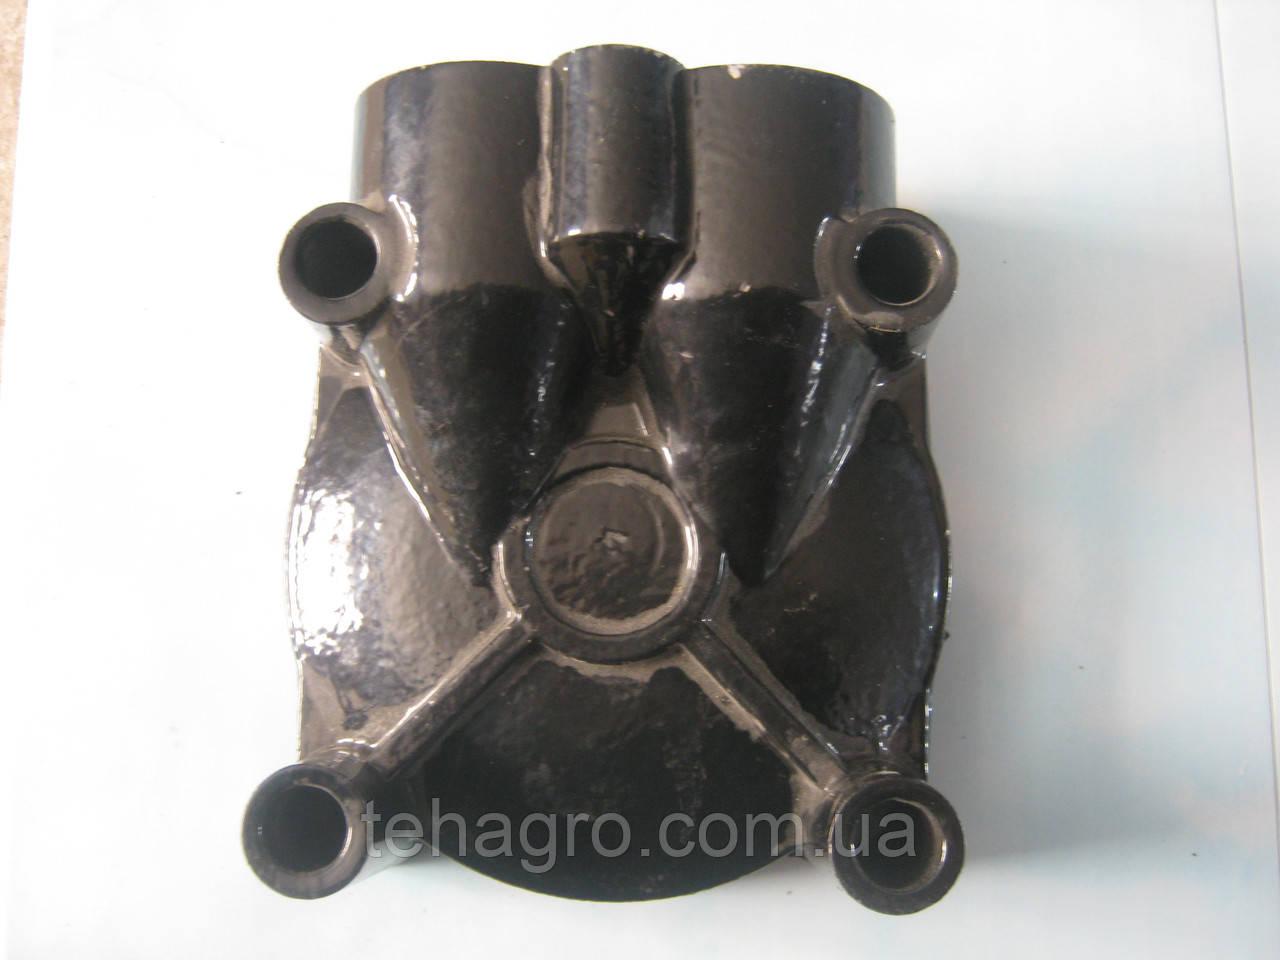 Крышка боковая насоса поршневого Zefirek , Зефирек, TAD-LEN 130 л/мин.